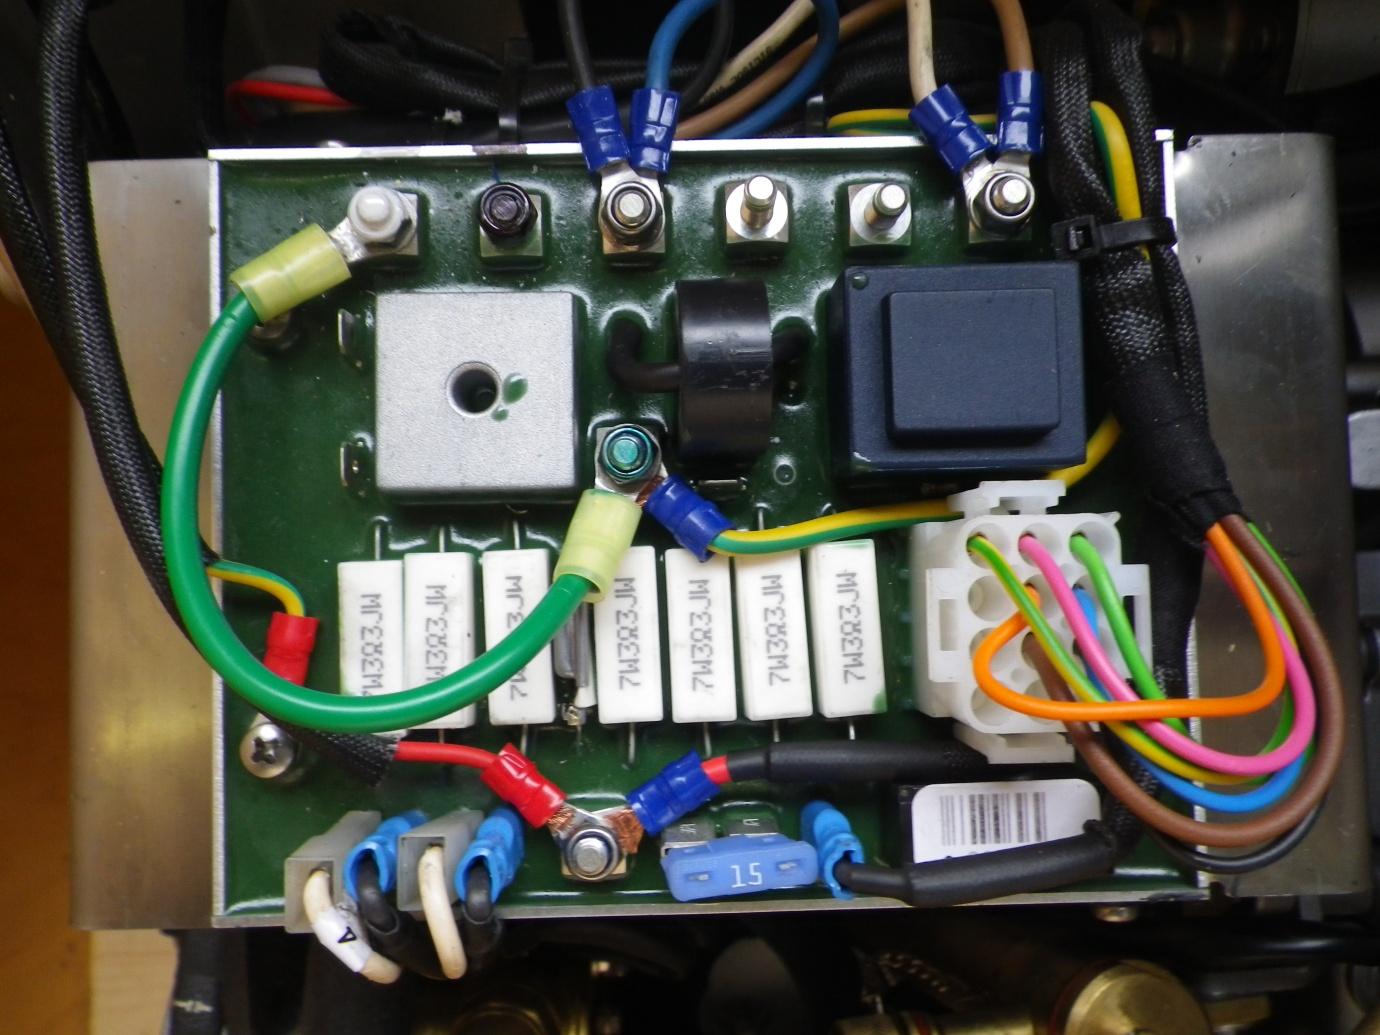 Click image for larger version  Name:LMG4000 115V wring.jpg Views:96 Size:414.6 KB ID:122517